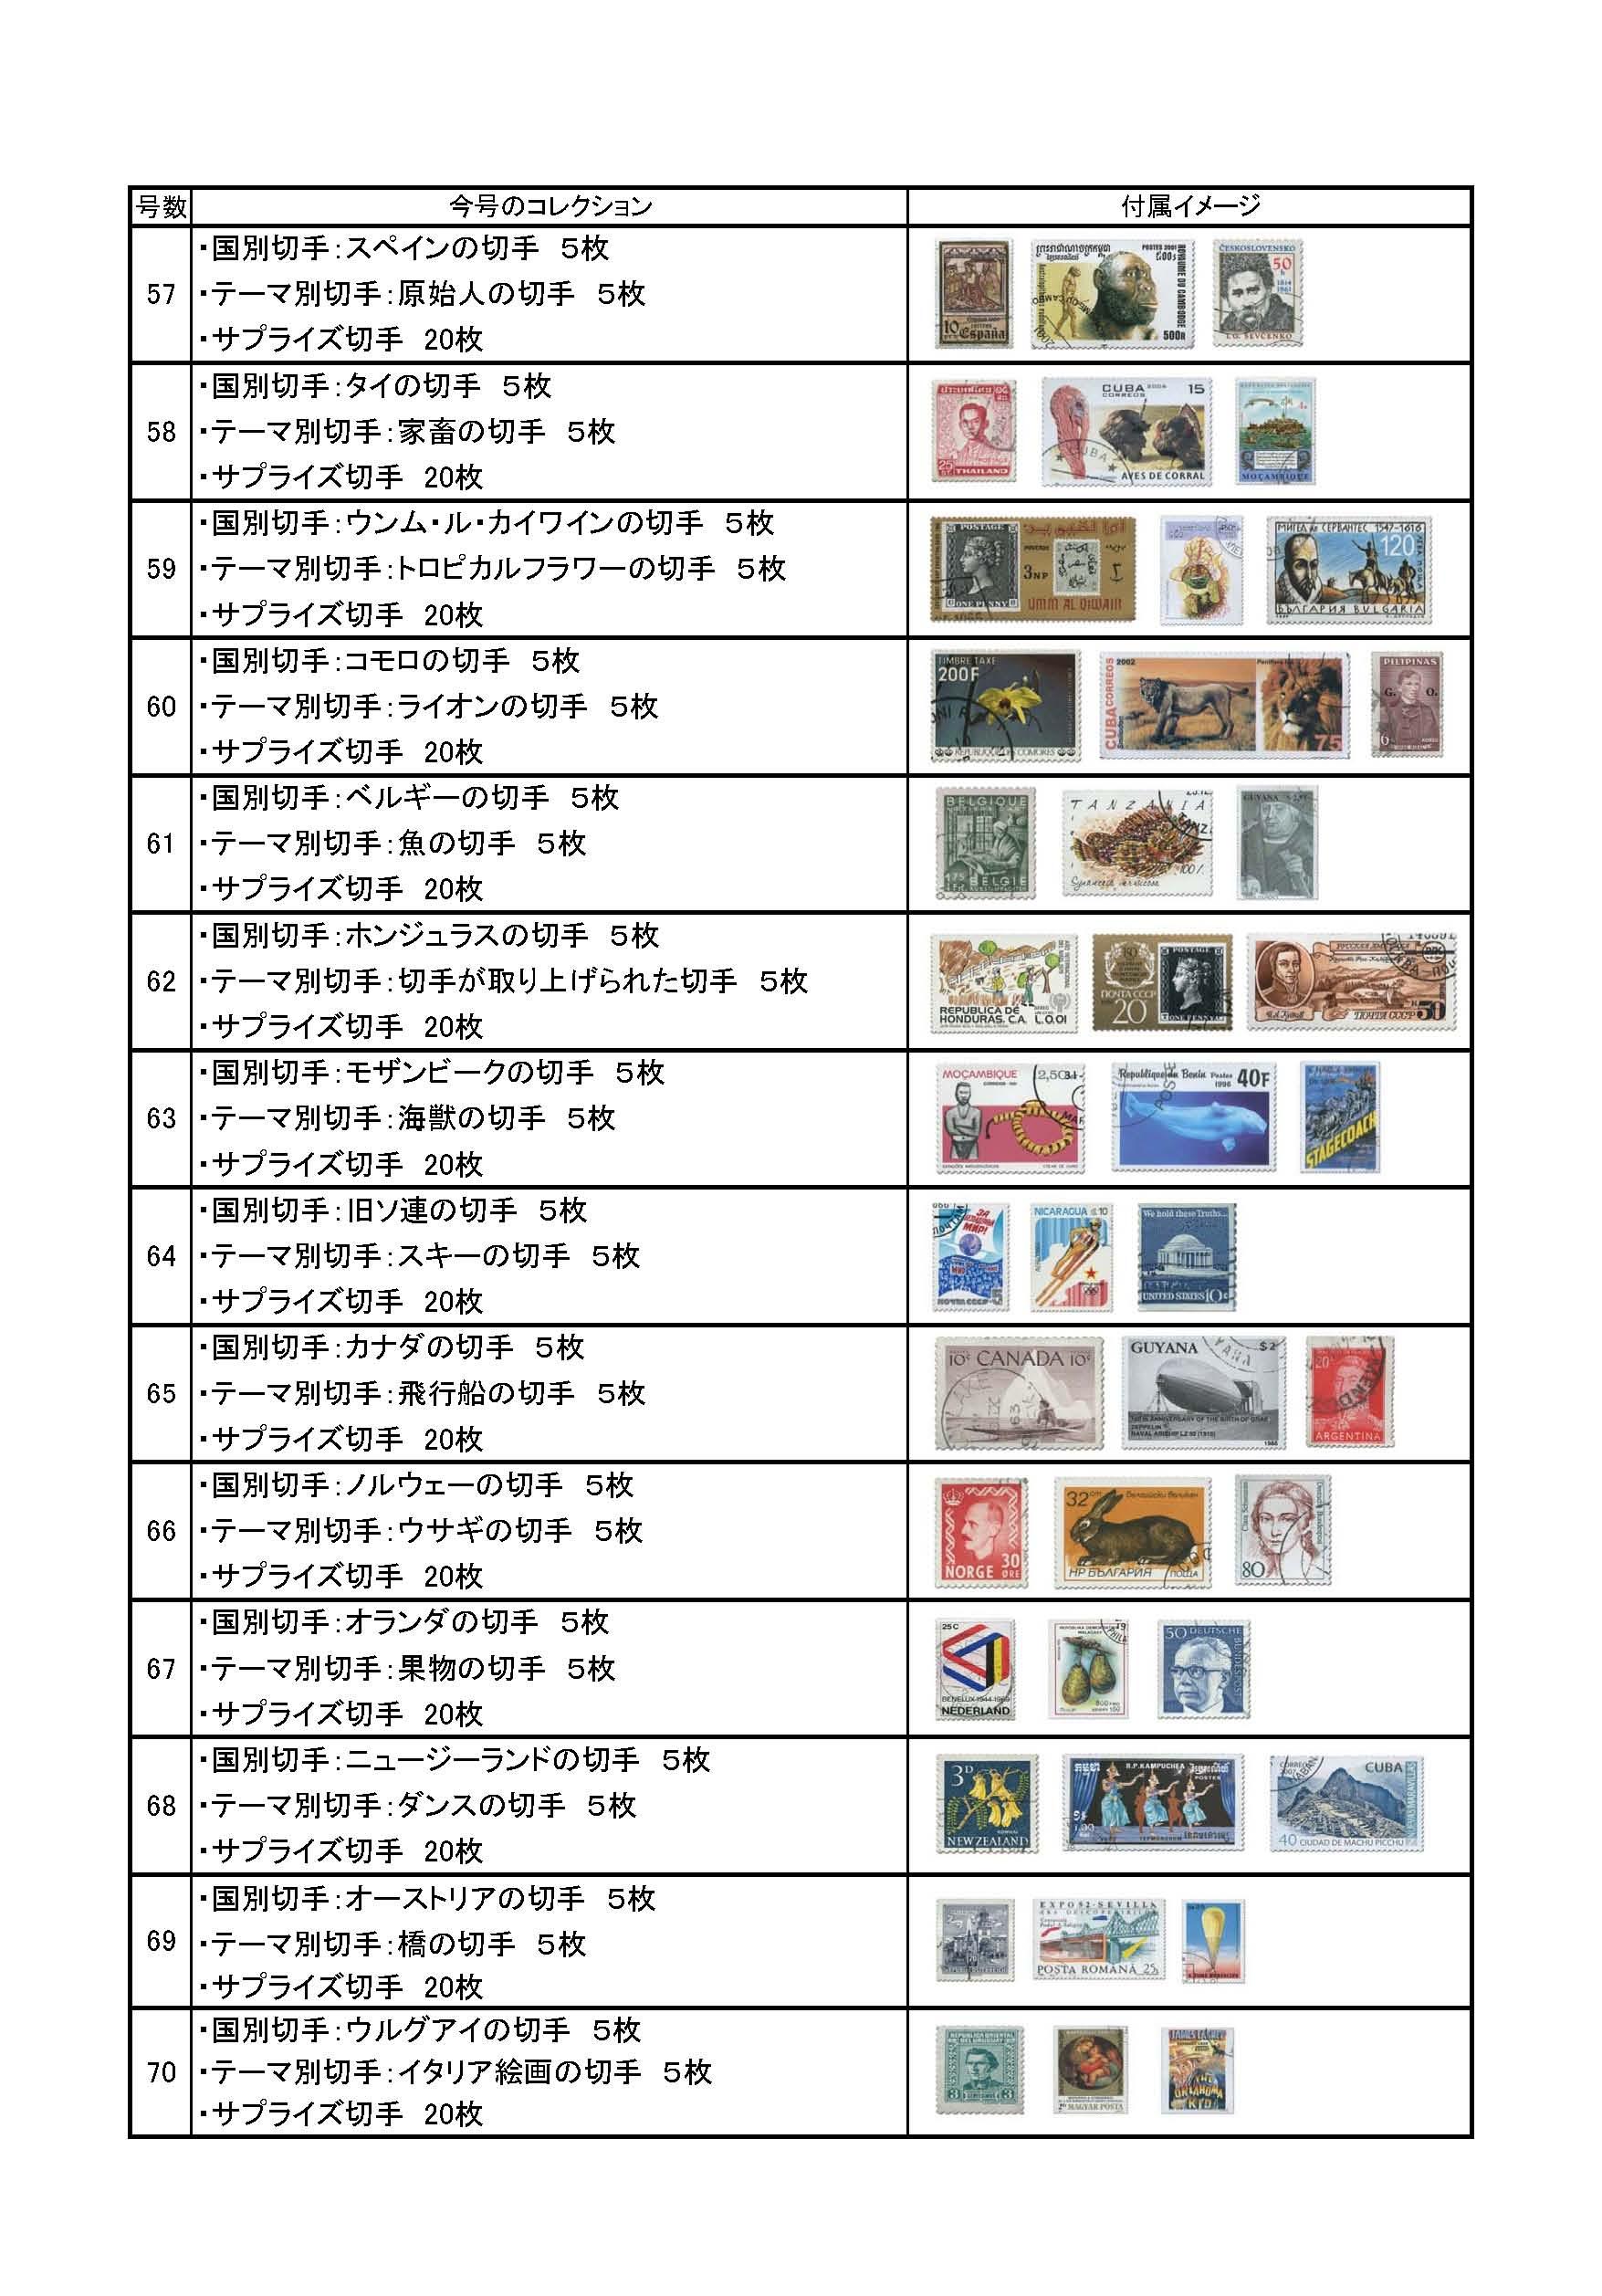 付属切手ラインナップ_20180115_ページ_05.jpg